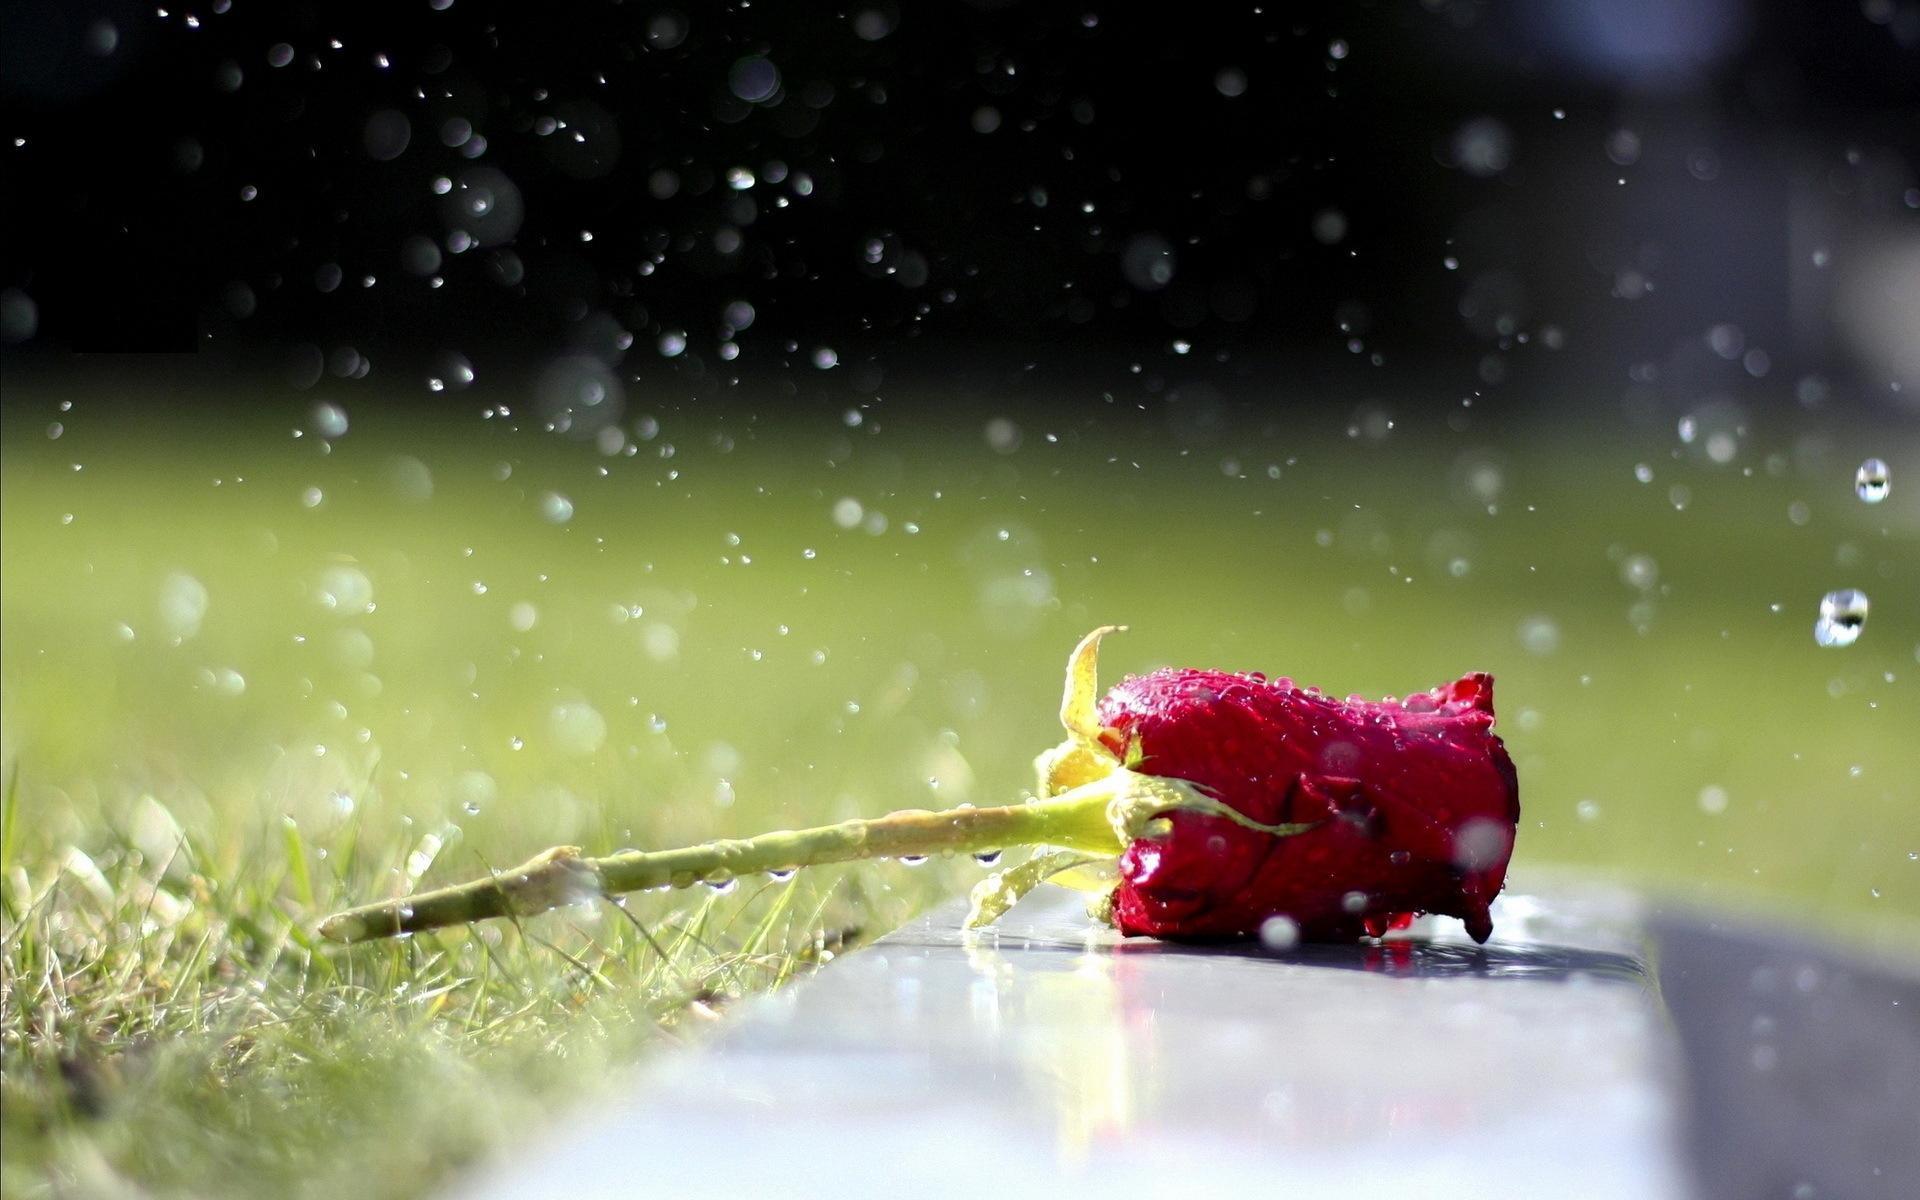 اجمل صور الازهار لخلفية رائعة لجهازك مجتمع رجيم